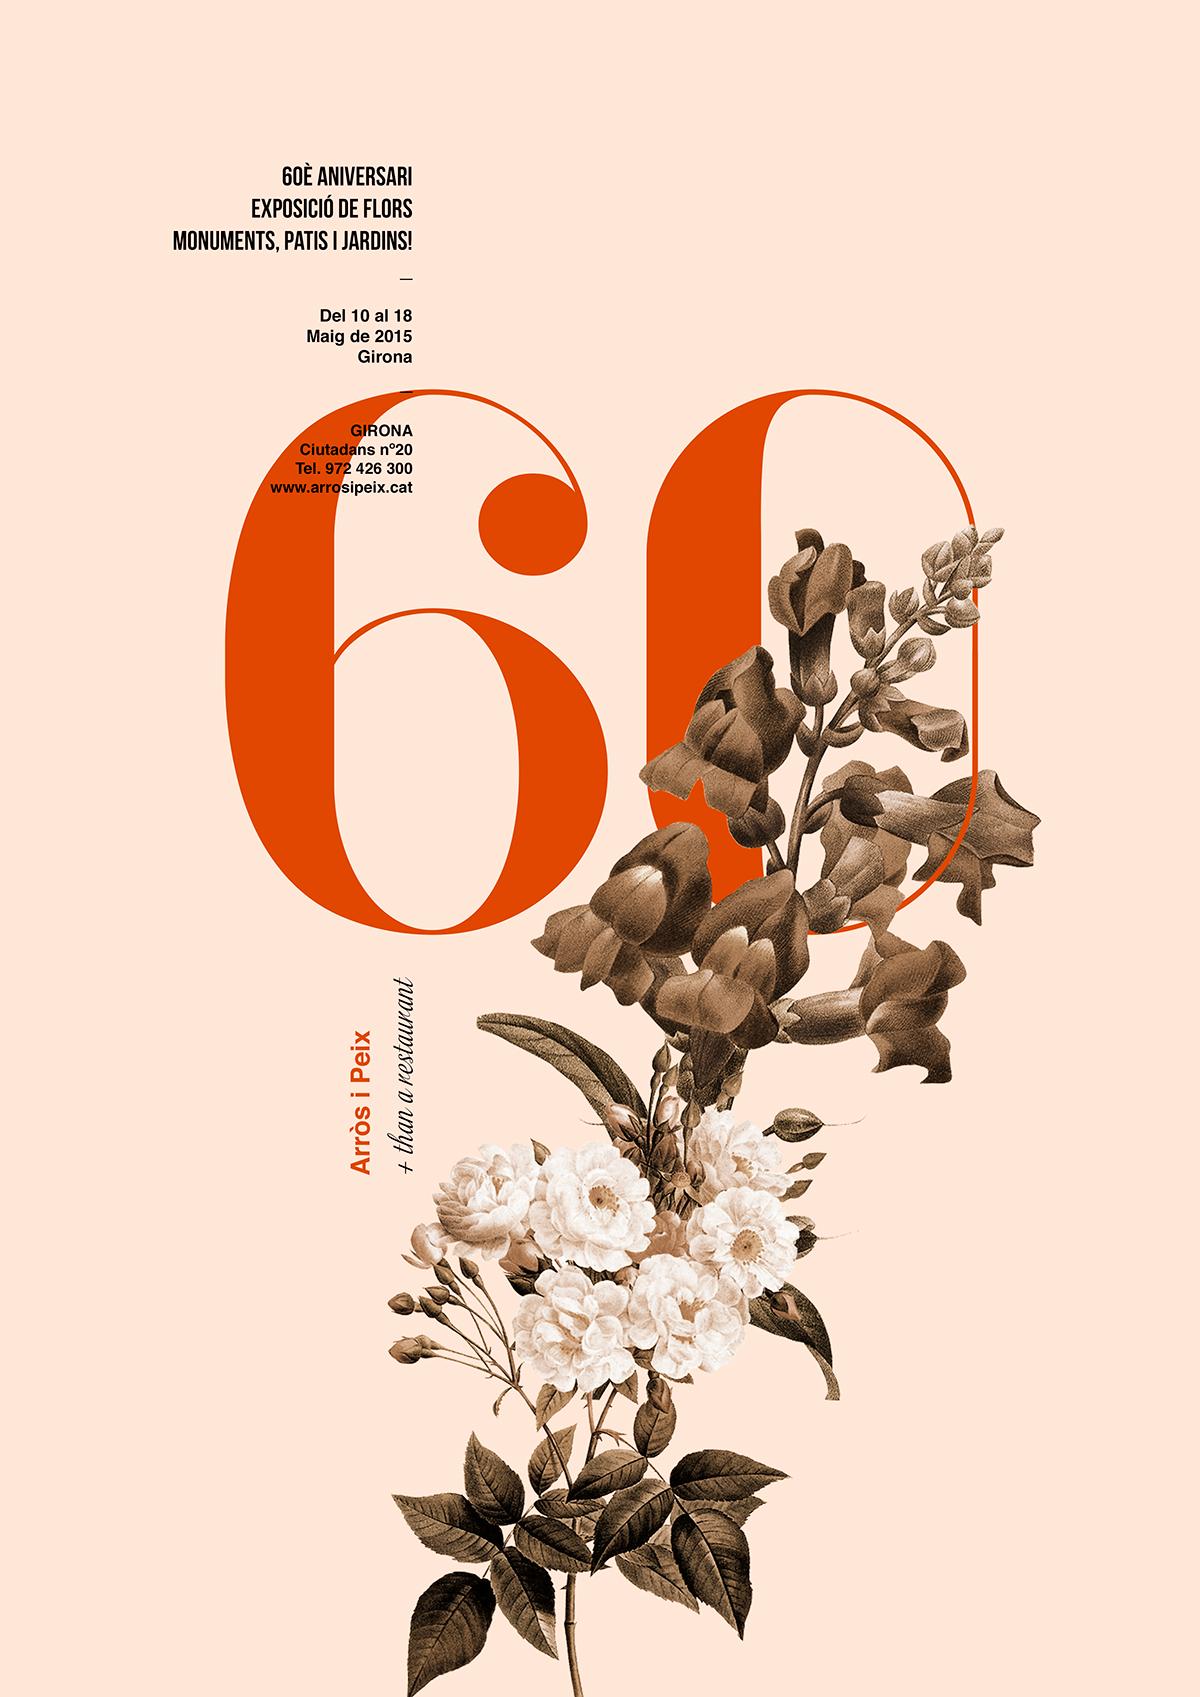 Poster by Xavier Esclusa / Arròs i Peix